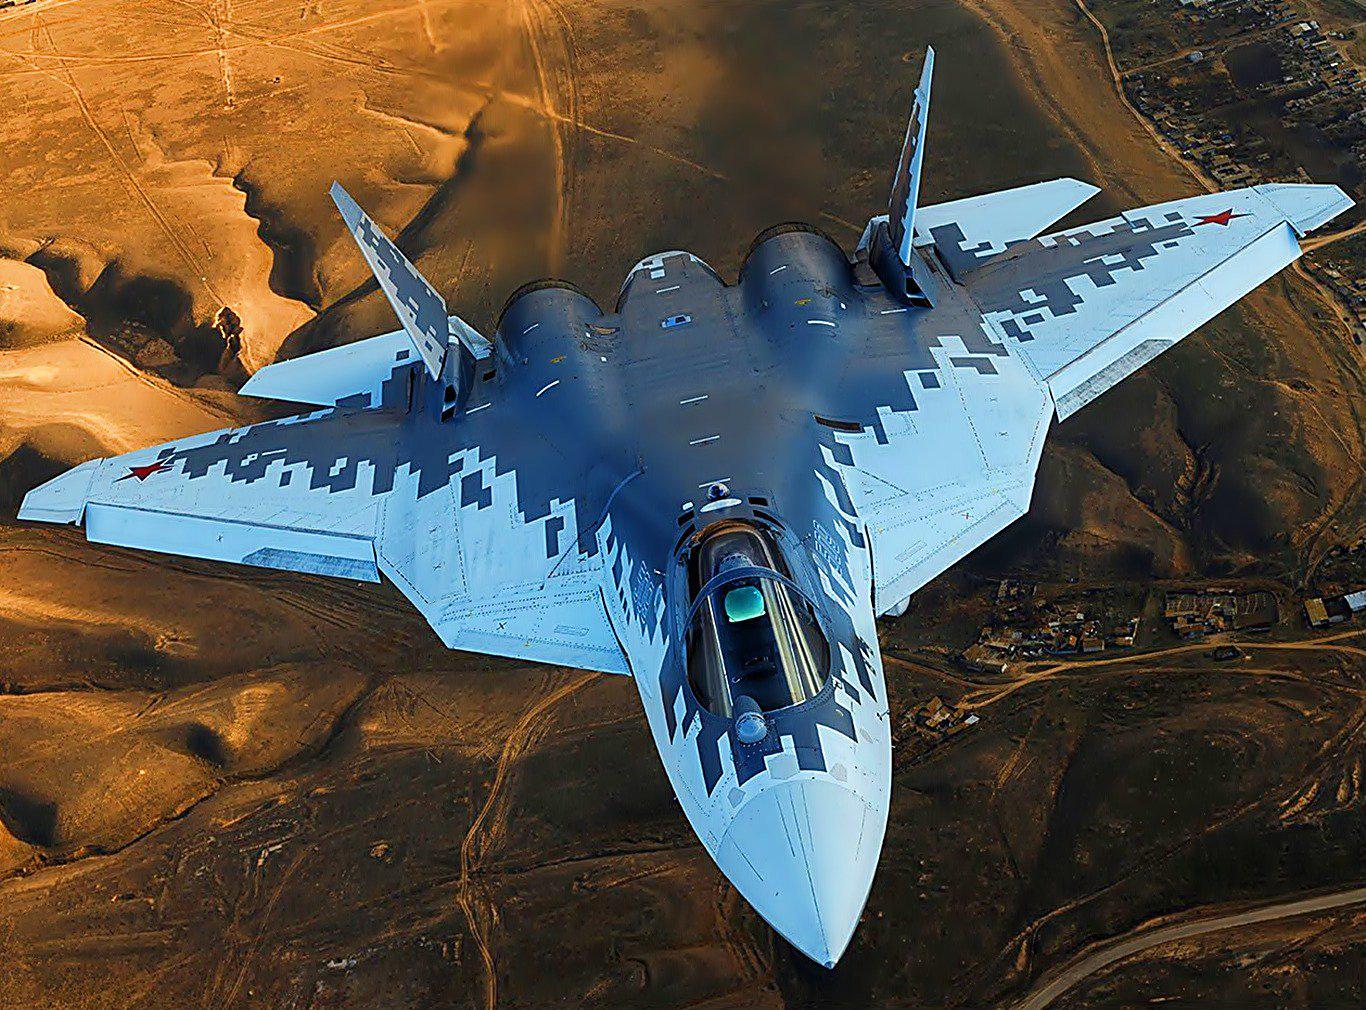 Uy lực vũ khí bí mật trên Su-57 của Nga khiến người Mỹ kiêng nể - Ảnh 1.